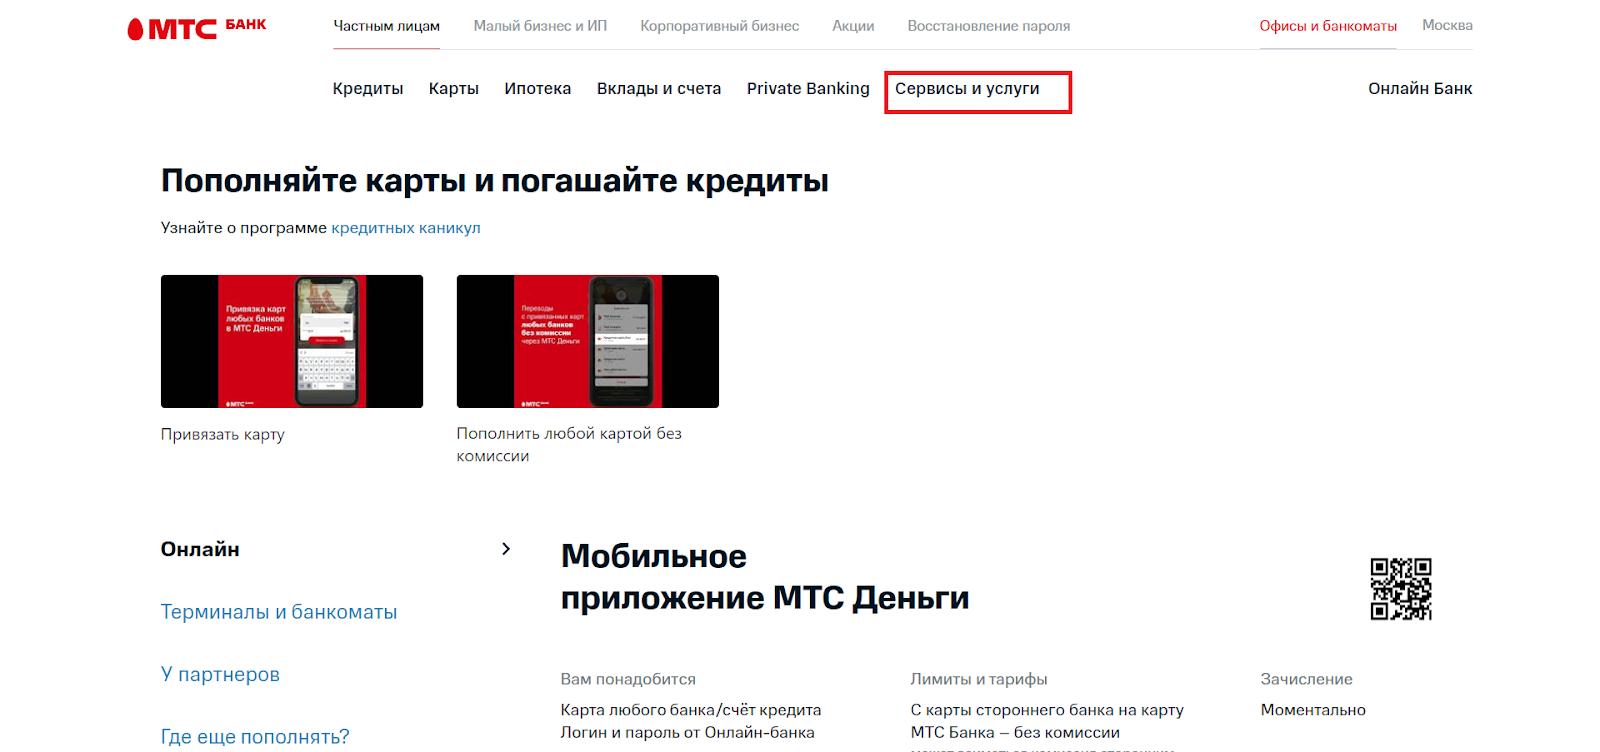 Перевод с карты МТС Банка на карту другого банка Росии